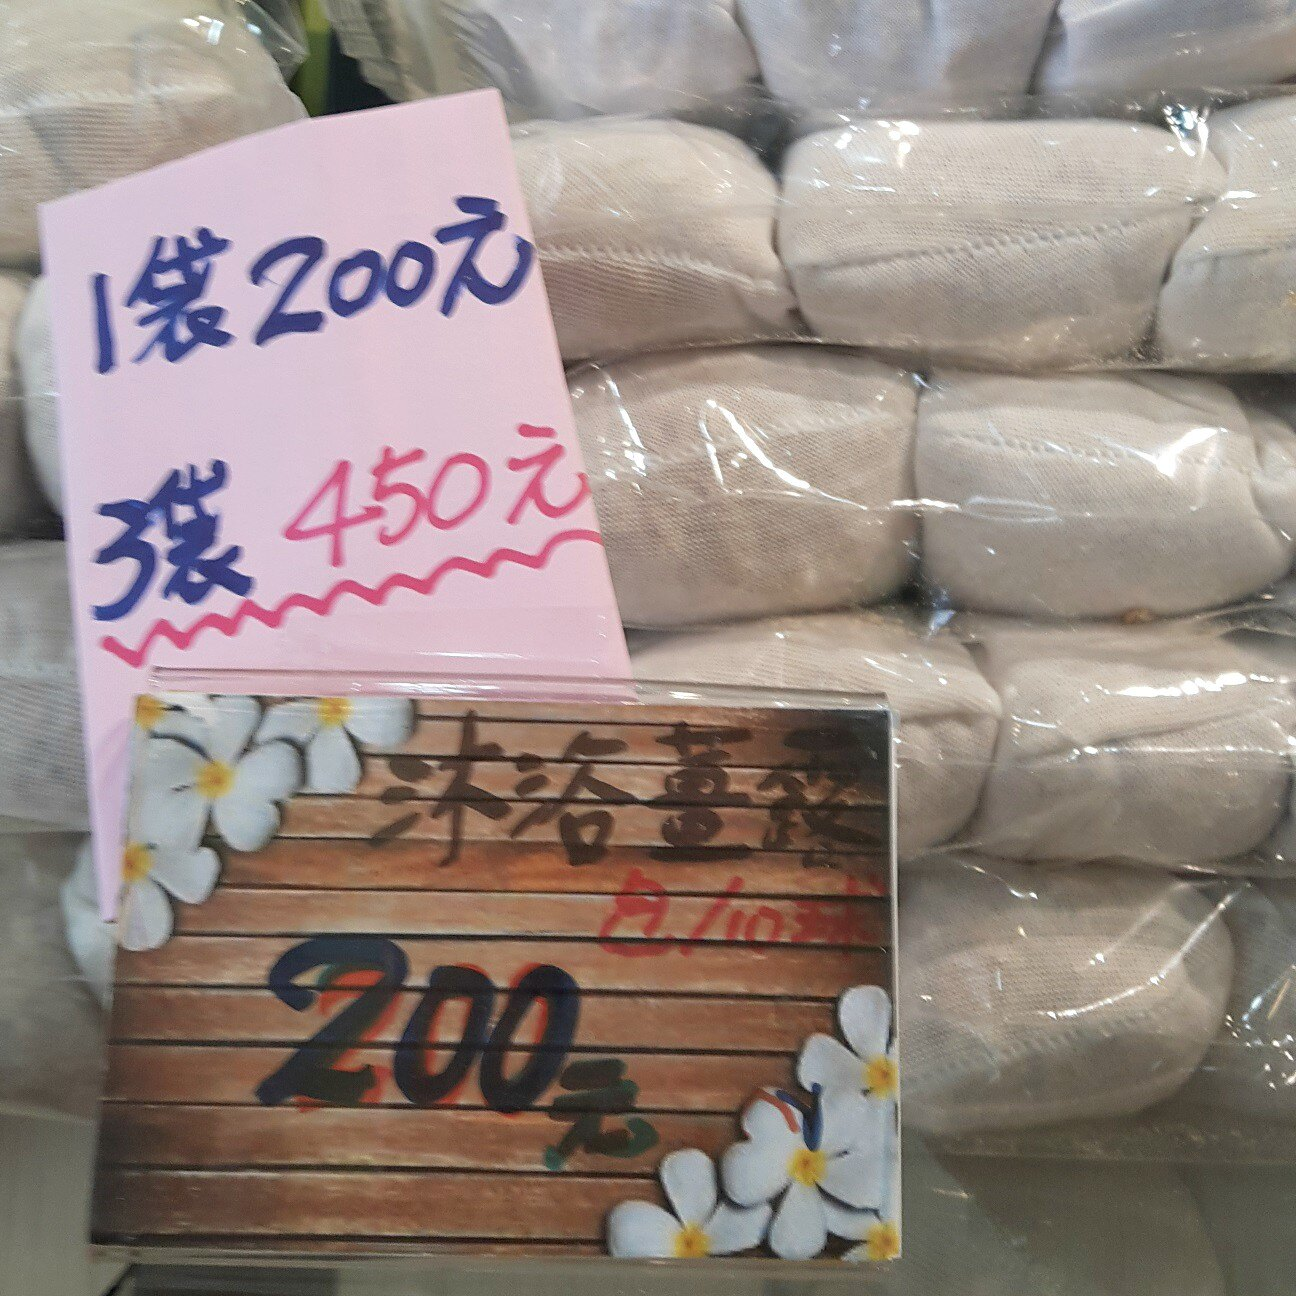 沐浴薑露- 冬季暖物-一包/10球